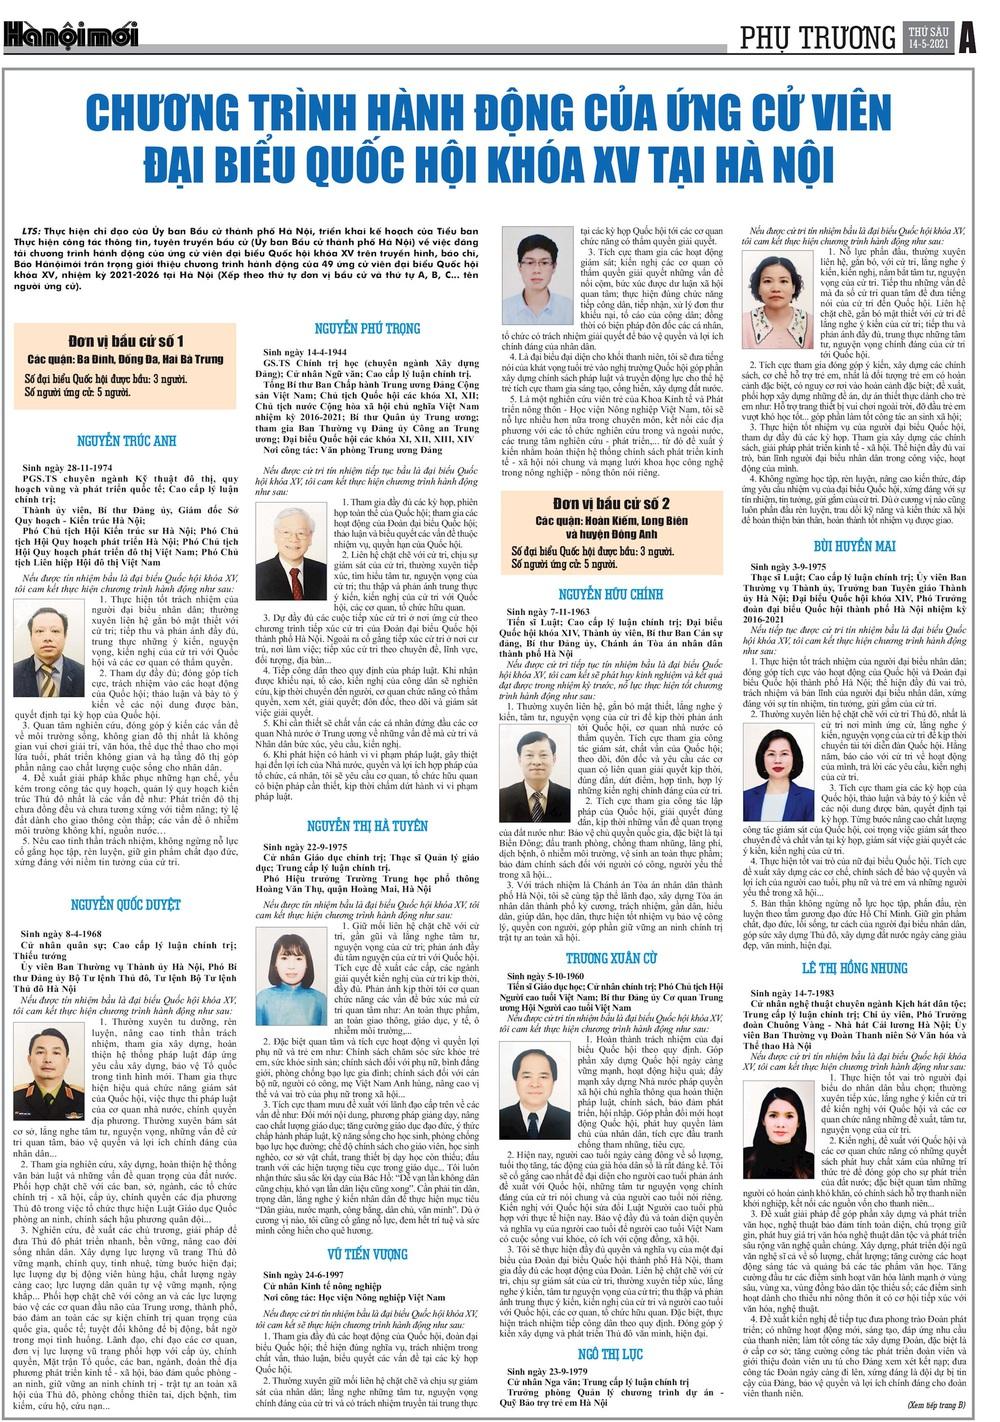 Chương trình hành động của các ứng cử viên đại biểu Quốc hội khóa XV tại Hà Nội - Ảnh 1.